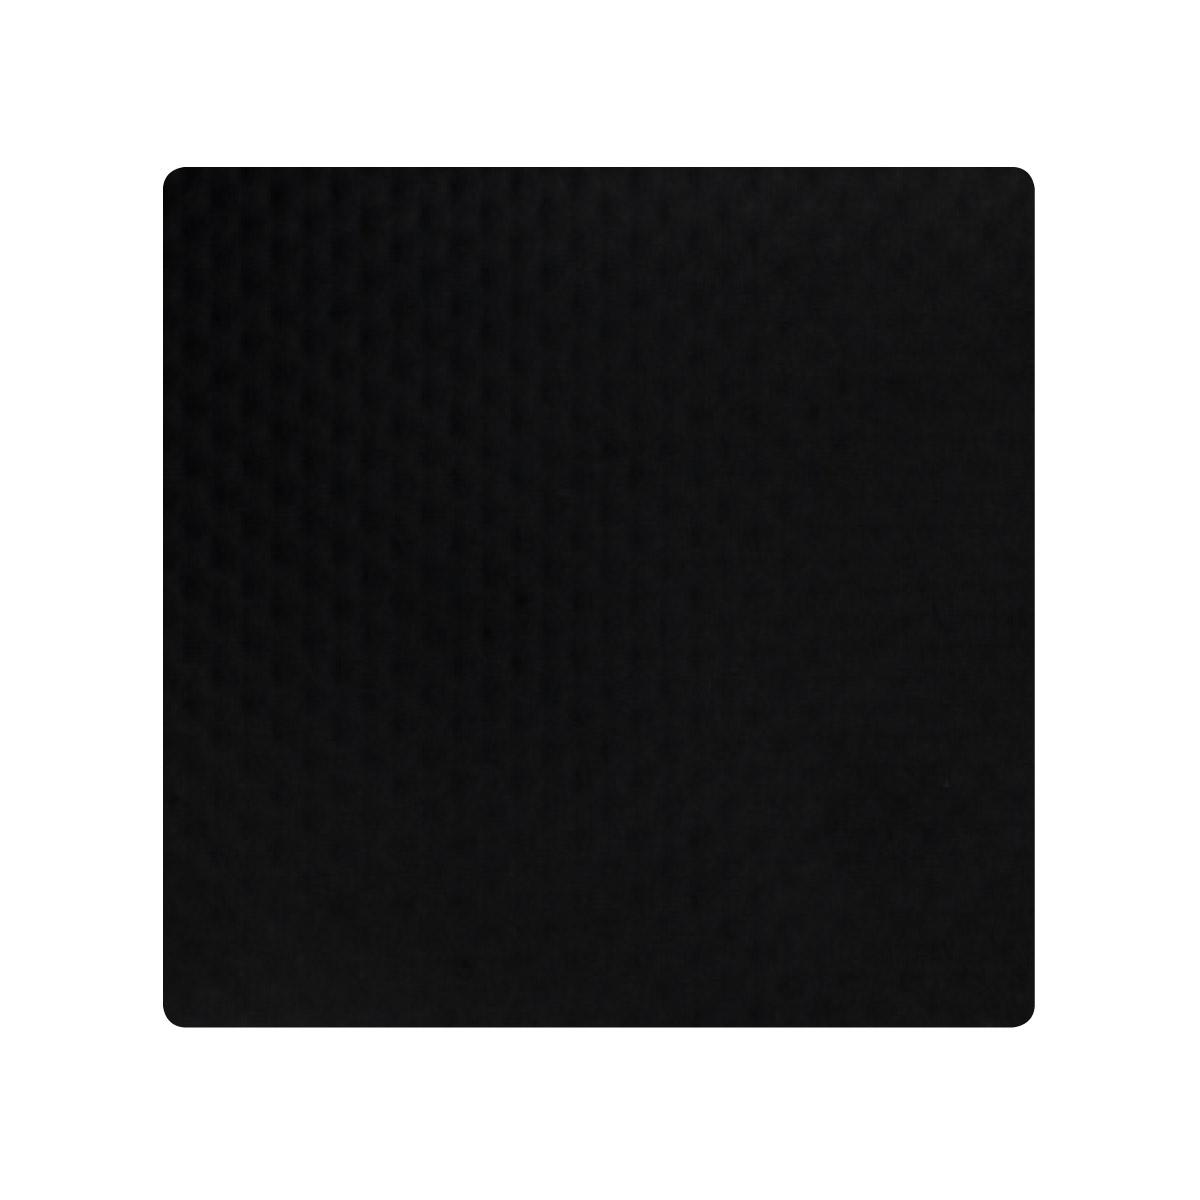 ACRYL Schwimmbadfolie deluxe, schwarz 165, PVC gewerbeverstärkt Dicke 1,5 mm, Breite 165  cm ACRYL Schwimmbadfolie deluxe, schwarz 165, PVC gewerbeverstärkt Dicke 1,5 mm, Breite 165  cm